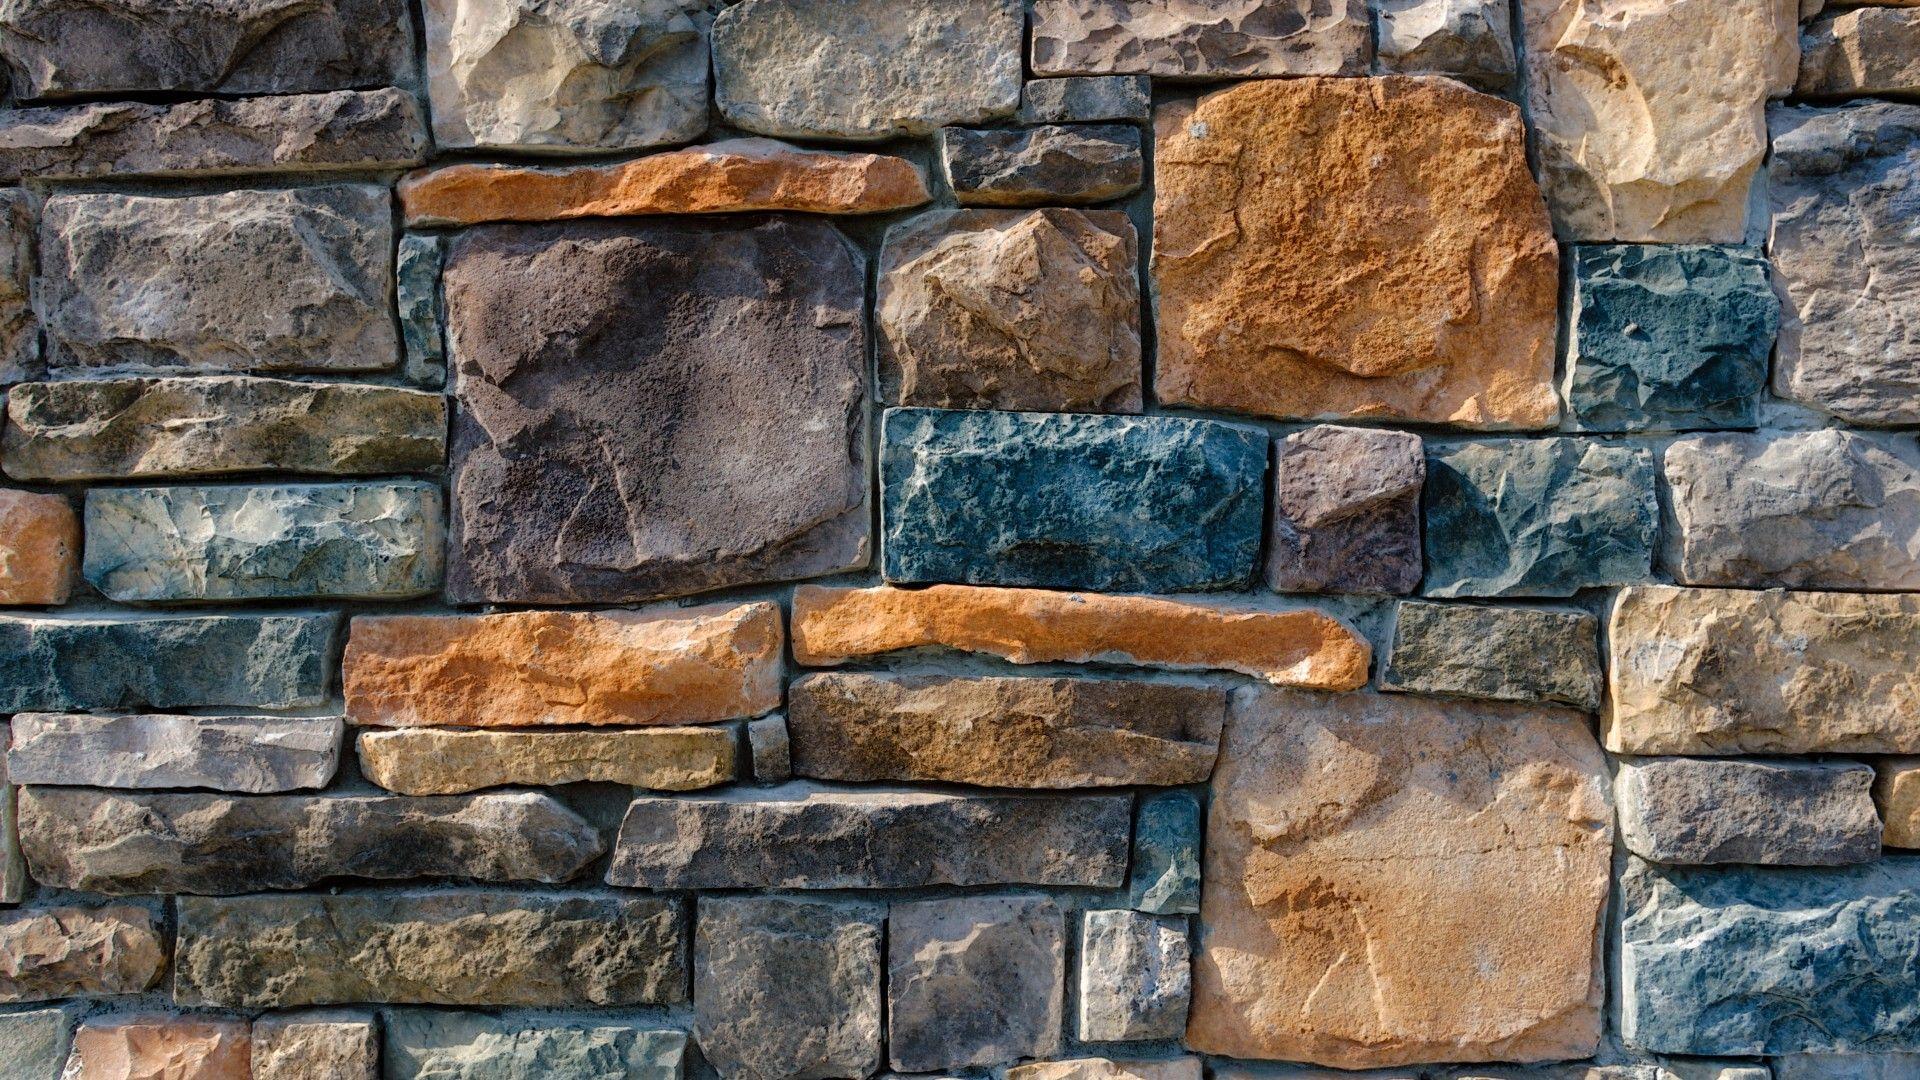 Download Wallpaper 1920x1080 Decorative, Stone, Cladding ...